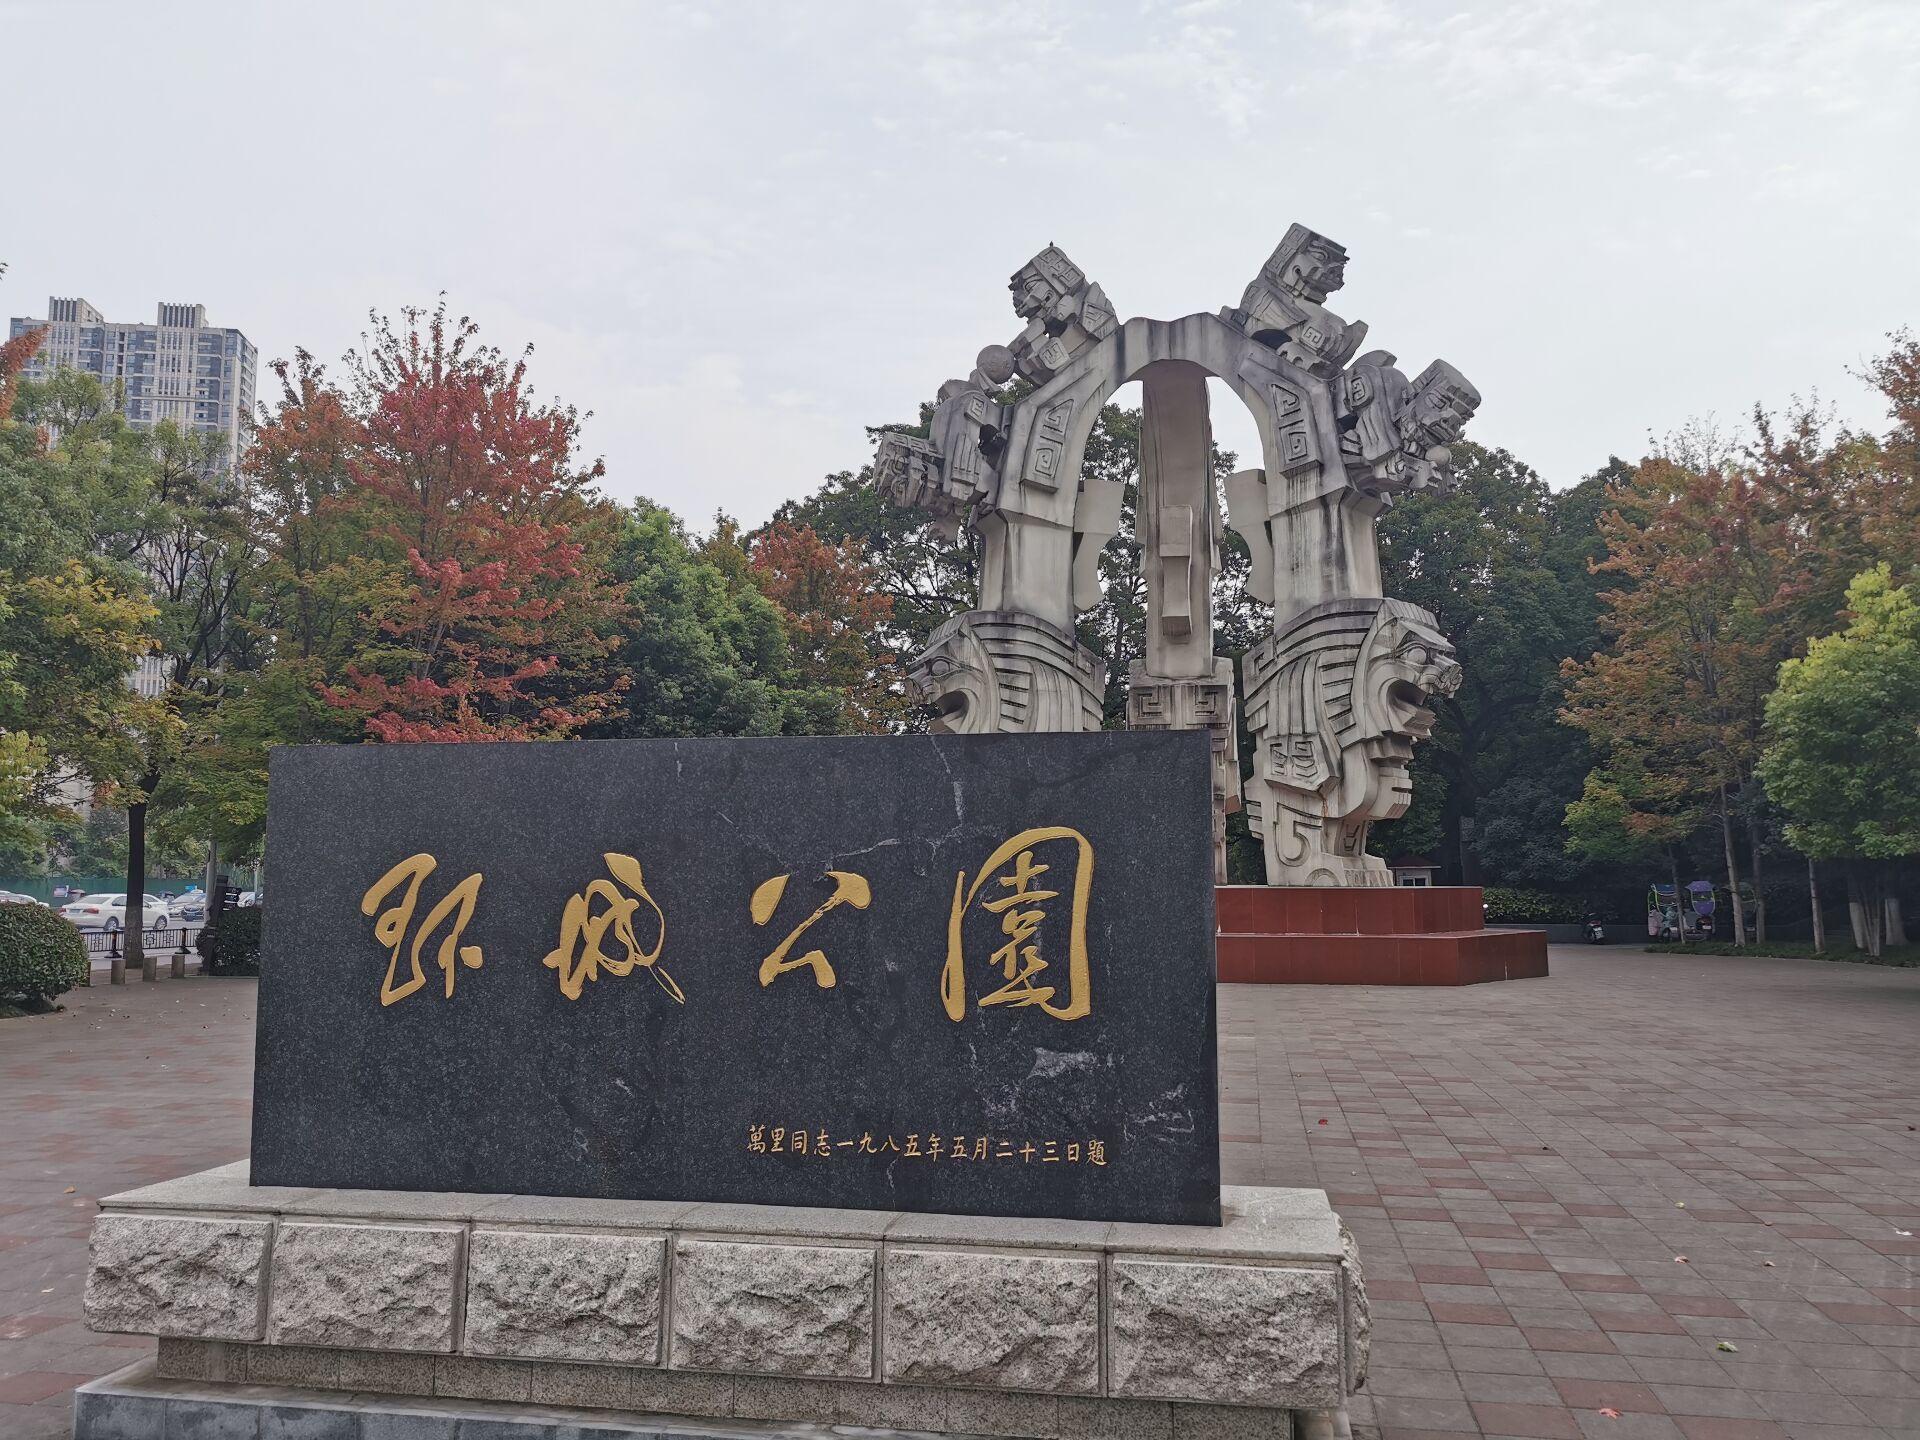 合肥环城公园九狮广场1.jpg